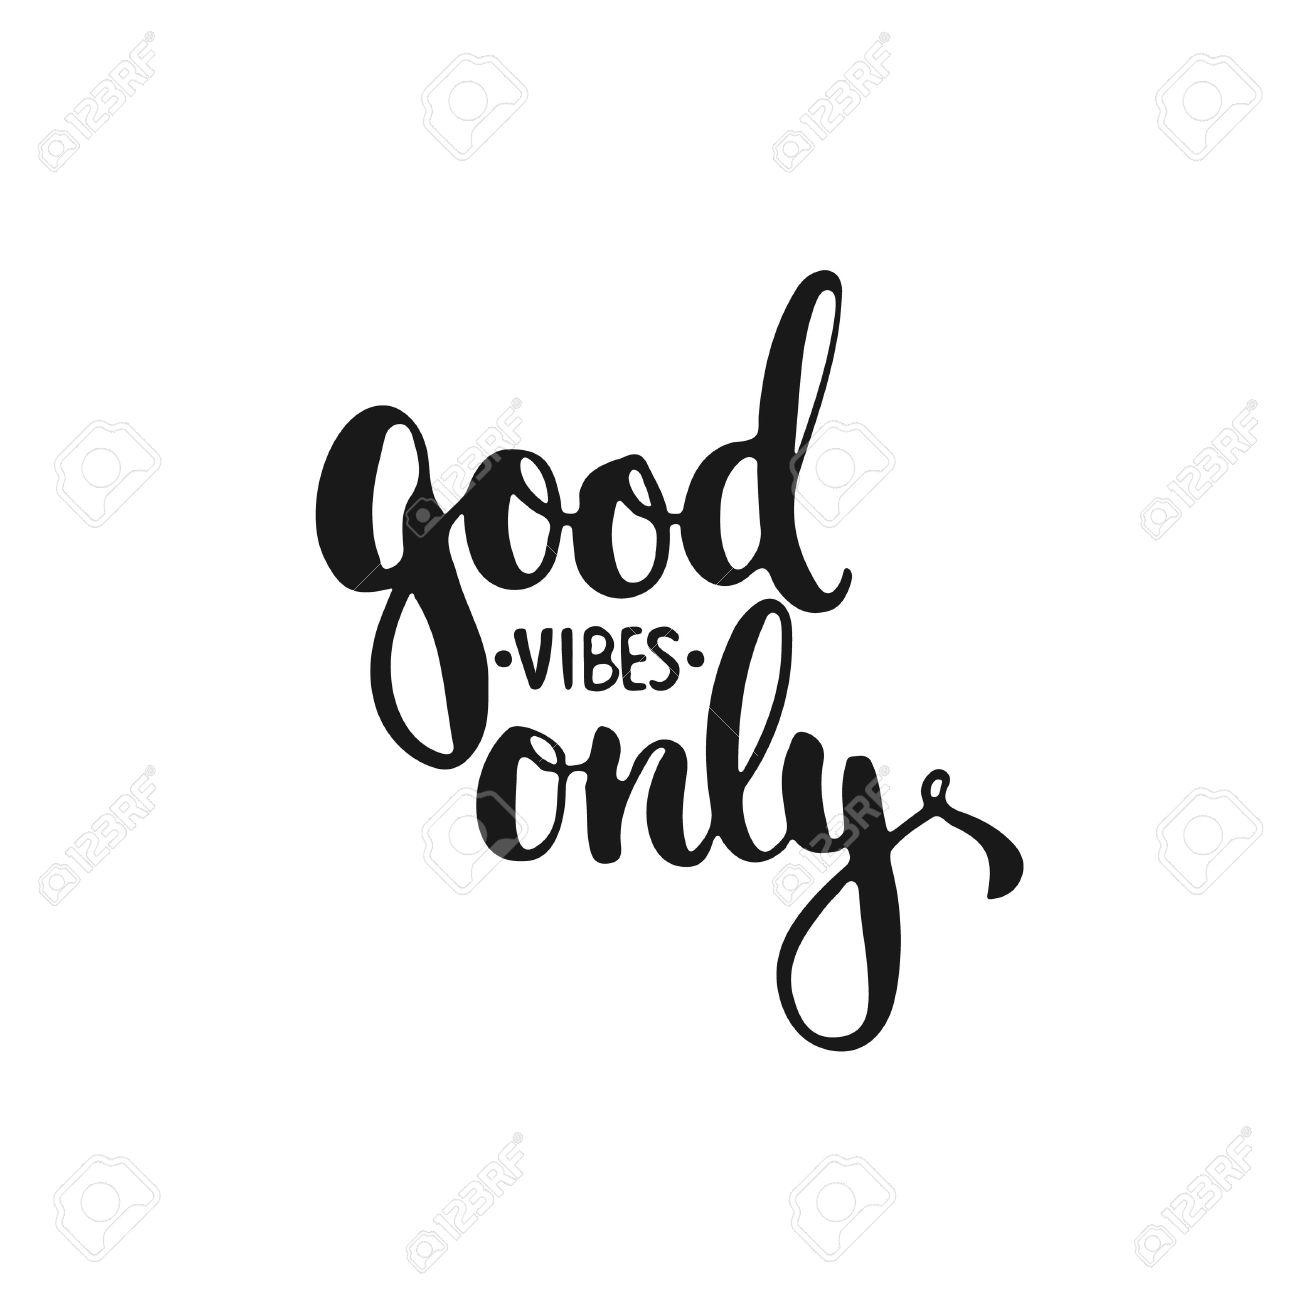 Mano Tipografía Dibujada Frase Letras Buenas Vibraciones Sólo Aislados En El Fondo Blanco La Caligrafía De La Diversión Para El Saludo De La